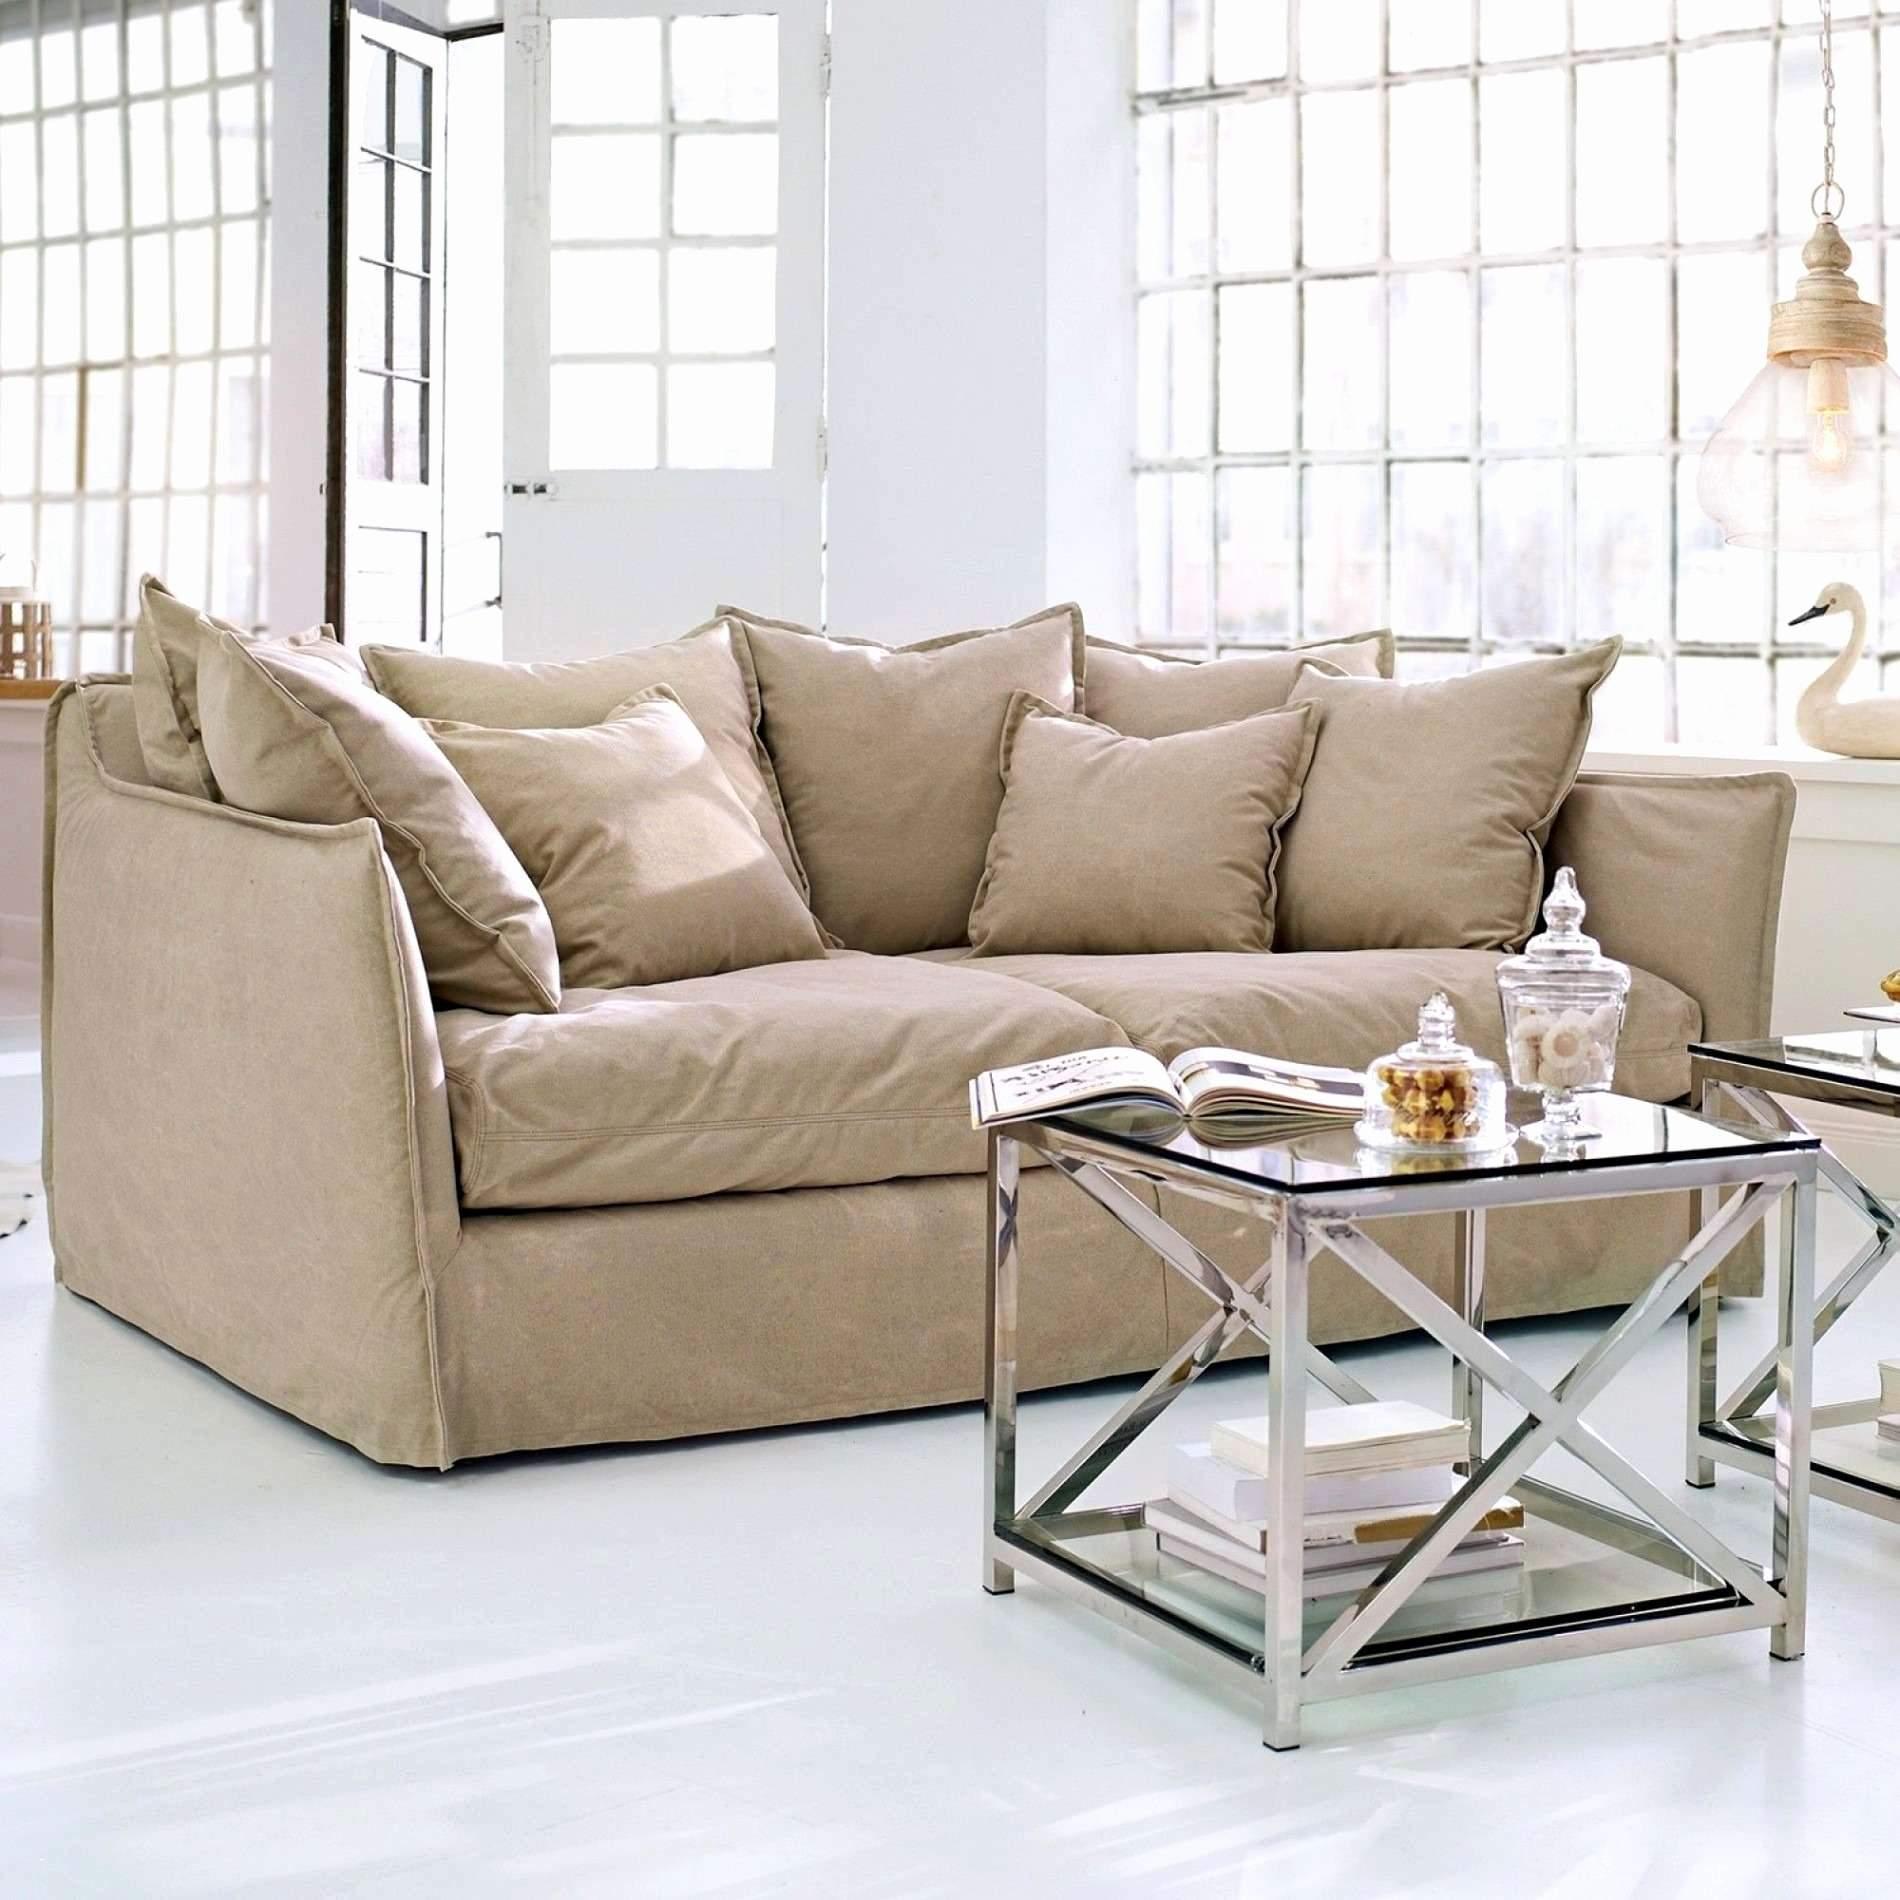 couch garten das beste von 26 neu lounge sofa wohnzimmer inspirierend of couch garten